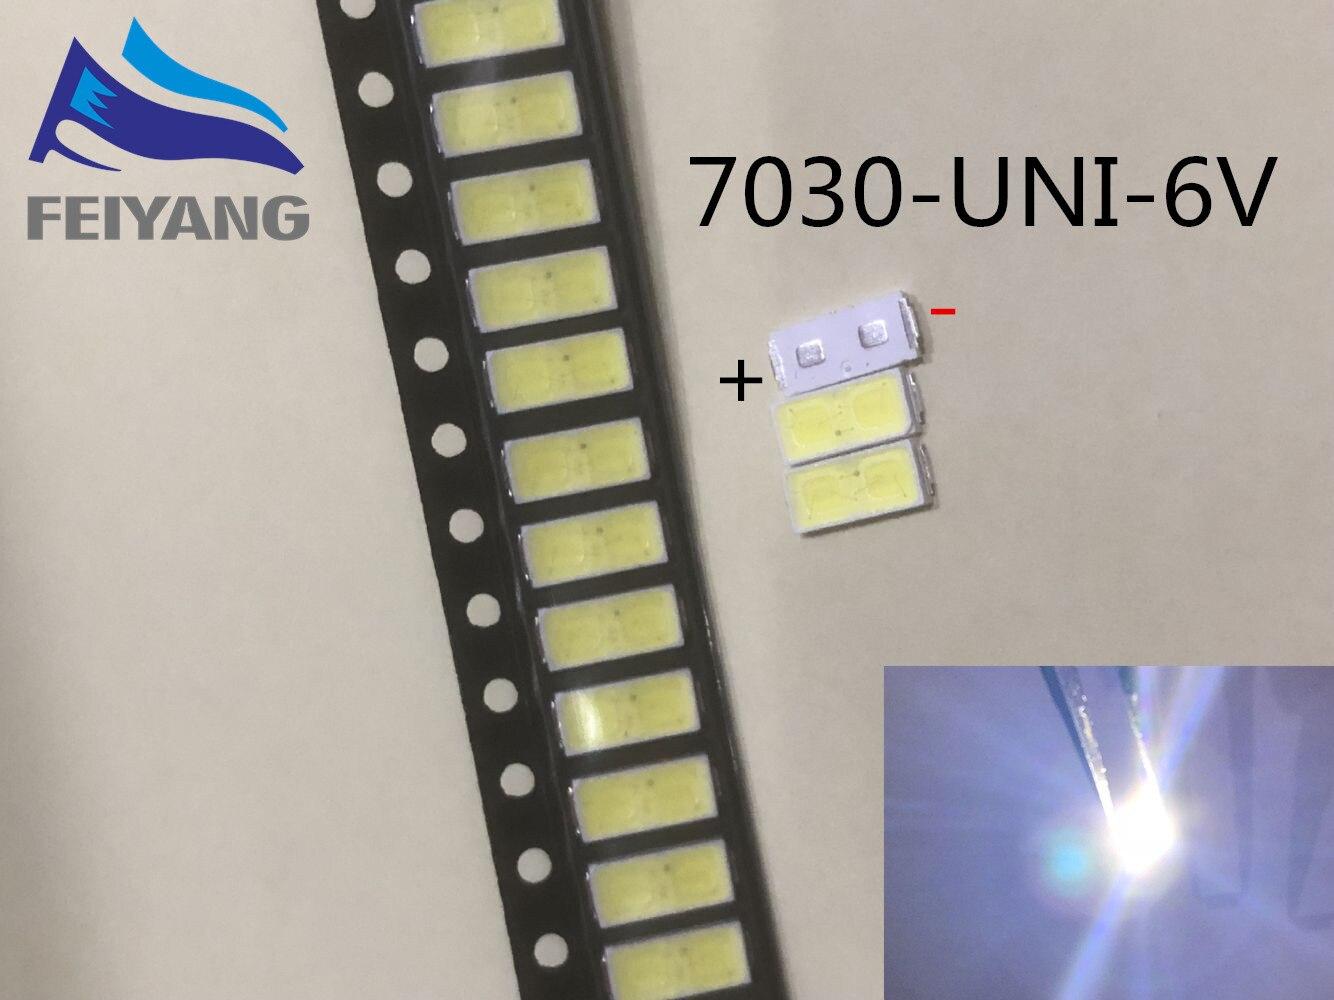 100PCS Maintenance of UNI LED LCD TV backlight lamp with light emitting diode 6V tube 7030 SMD beads UNI